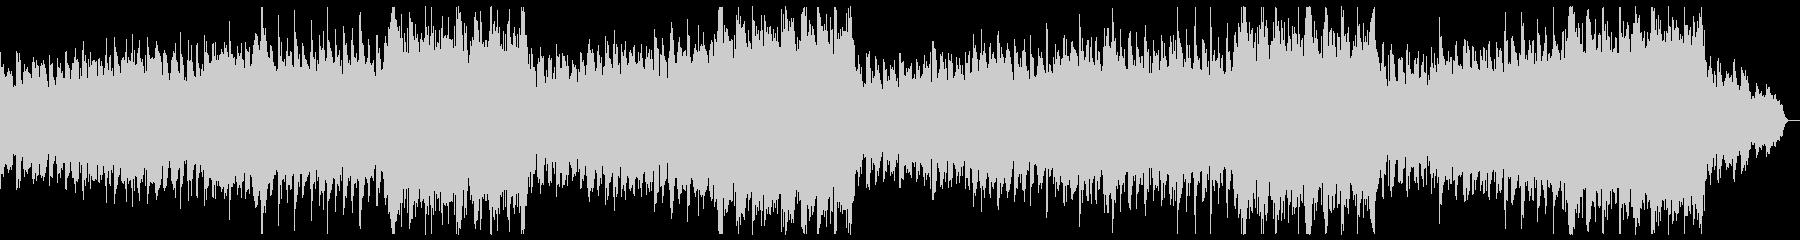 希望あふれるエピックピアノ:フル2回の未再生の波形